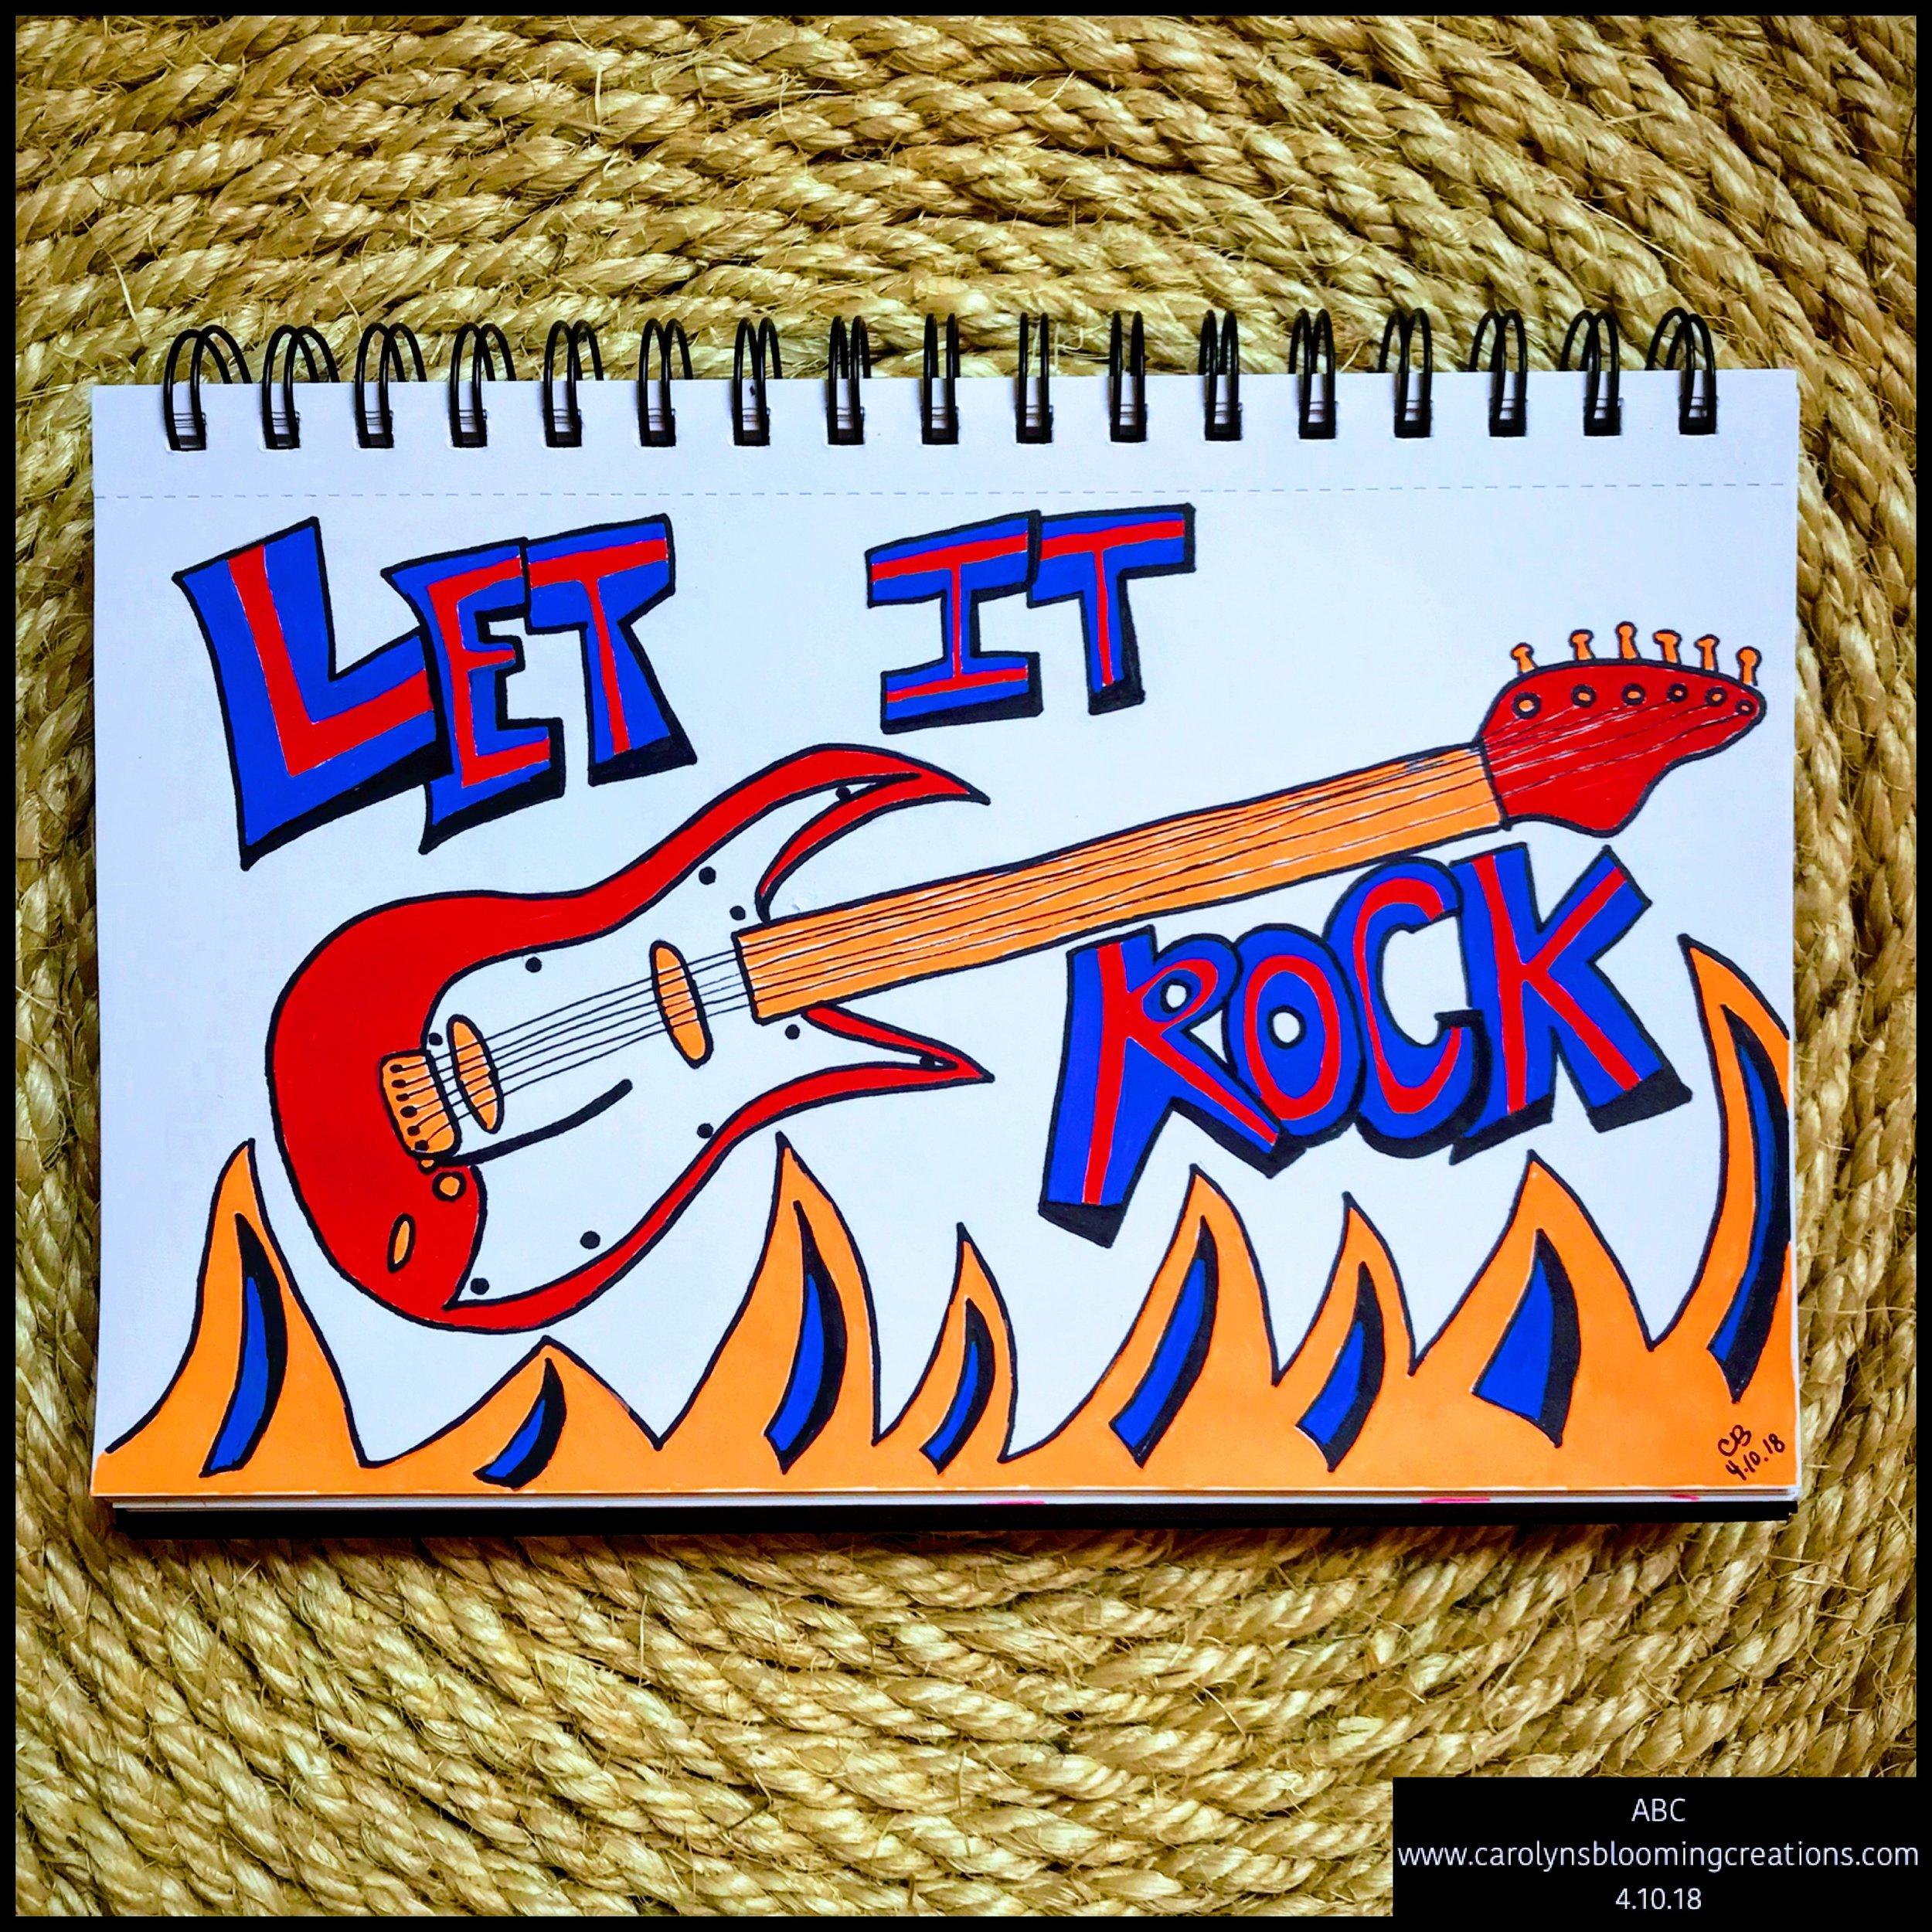 Art by Carolyn J. Braden: Let It Rock